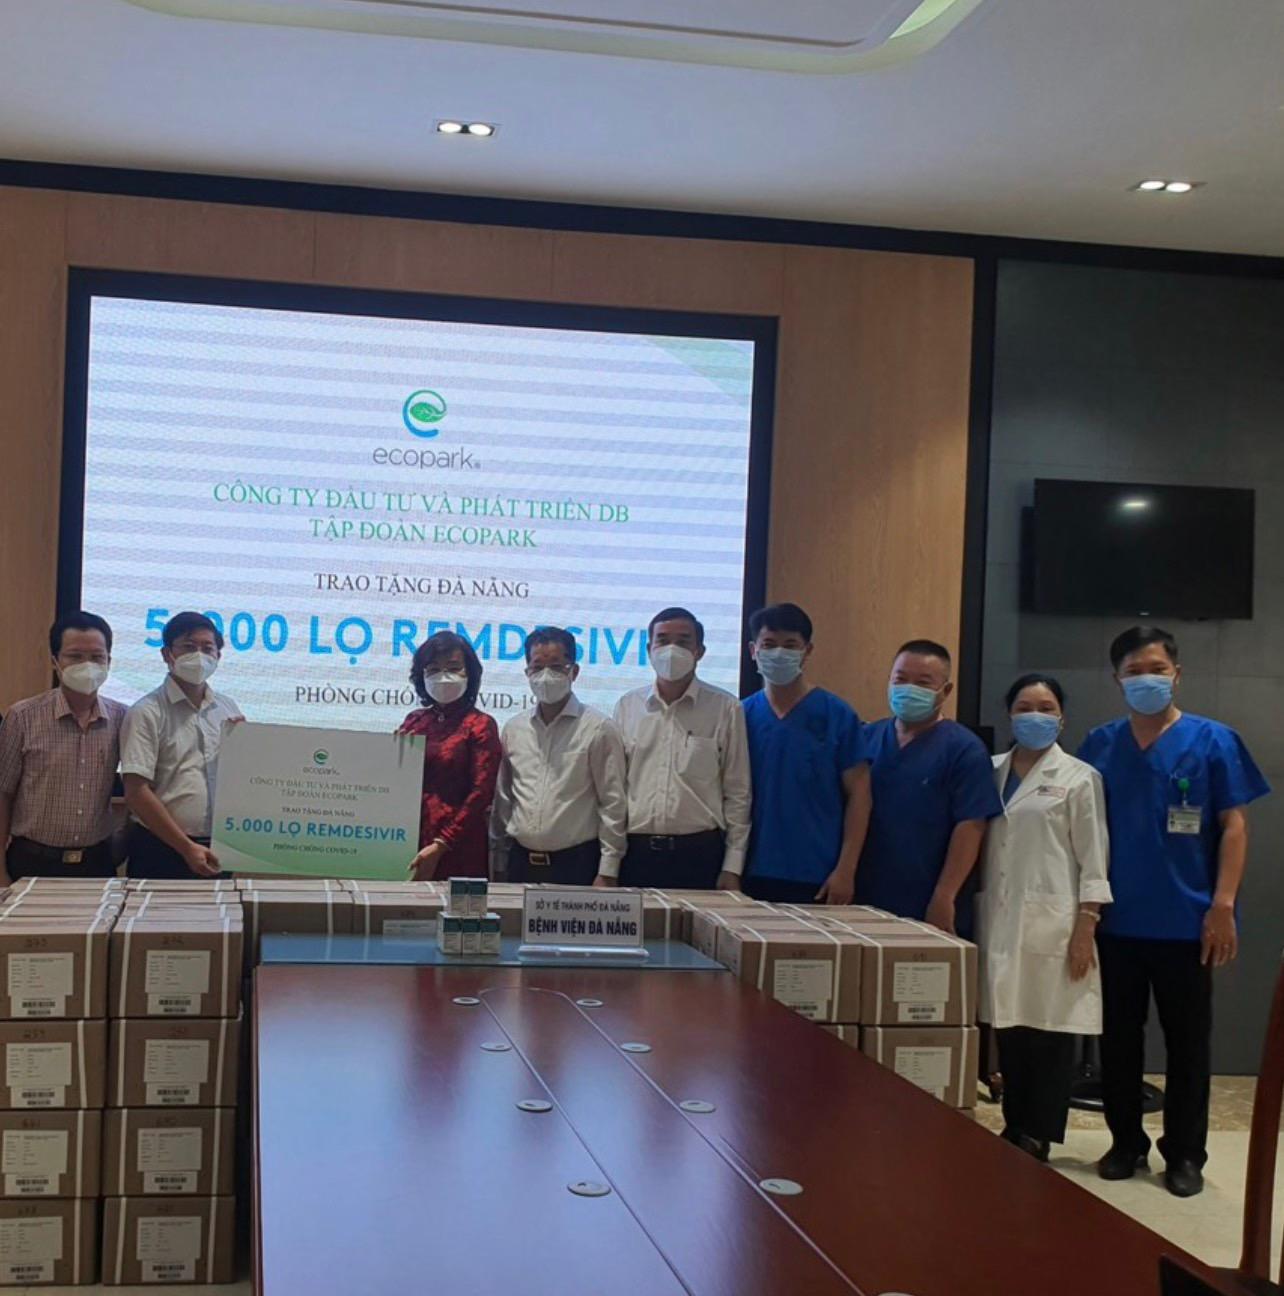 Lô thuốc 200.000 lọ Remdesivir đặc trị Covid-19 về Việt Nam được phân bổ thế nào? - Ảnh 7.